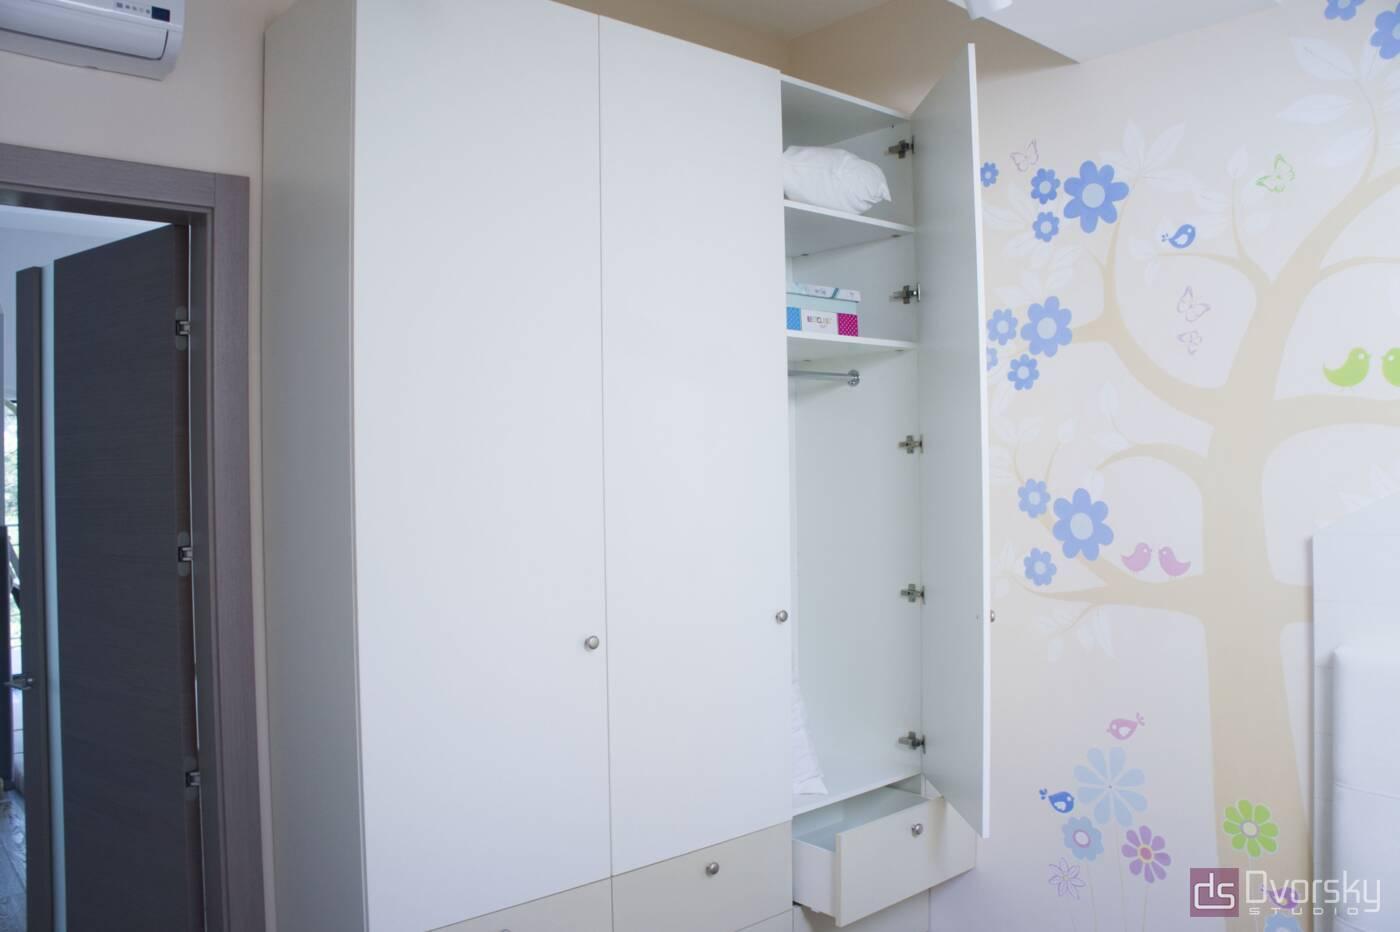 Шкафы распашные Шкаф распашной для спальни - Фото № 1